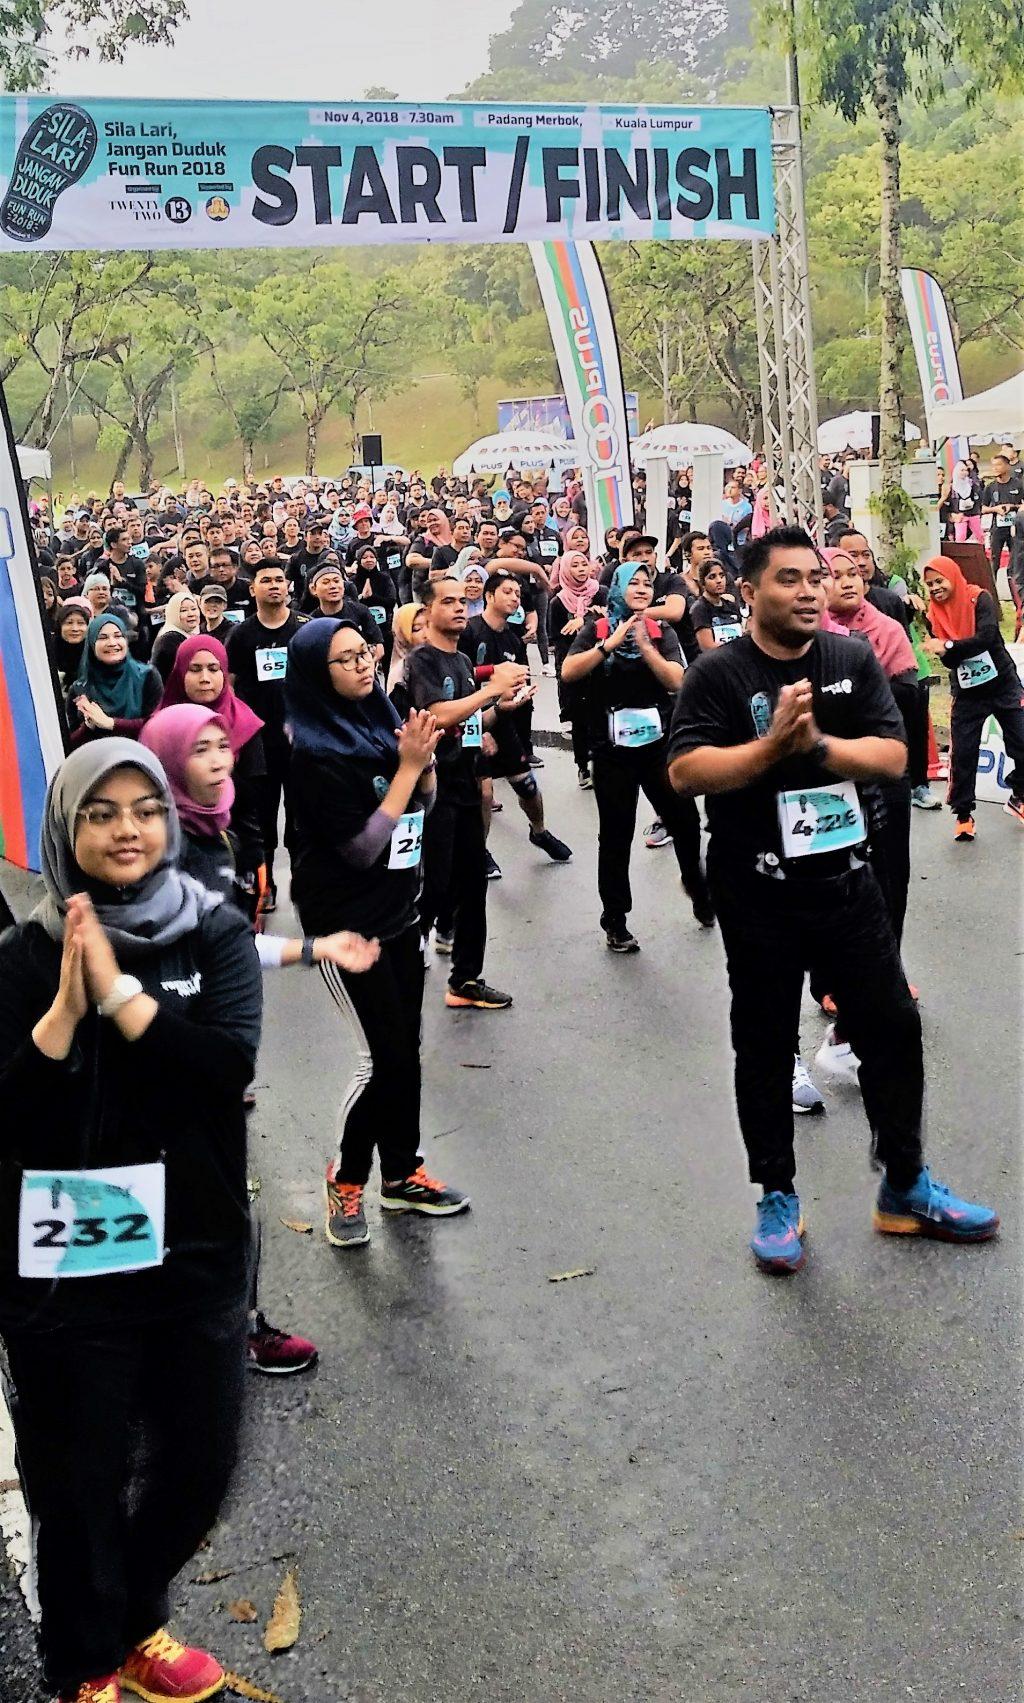 Sila Lari Jangan Duduk Fun Run 2018